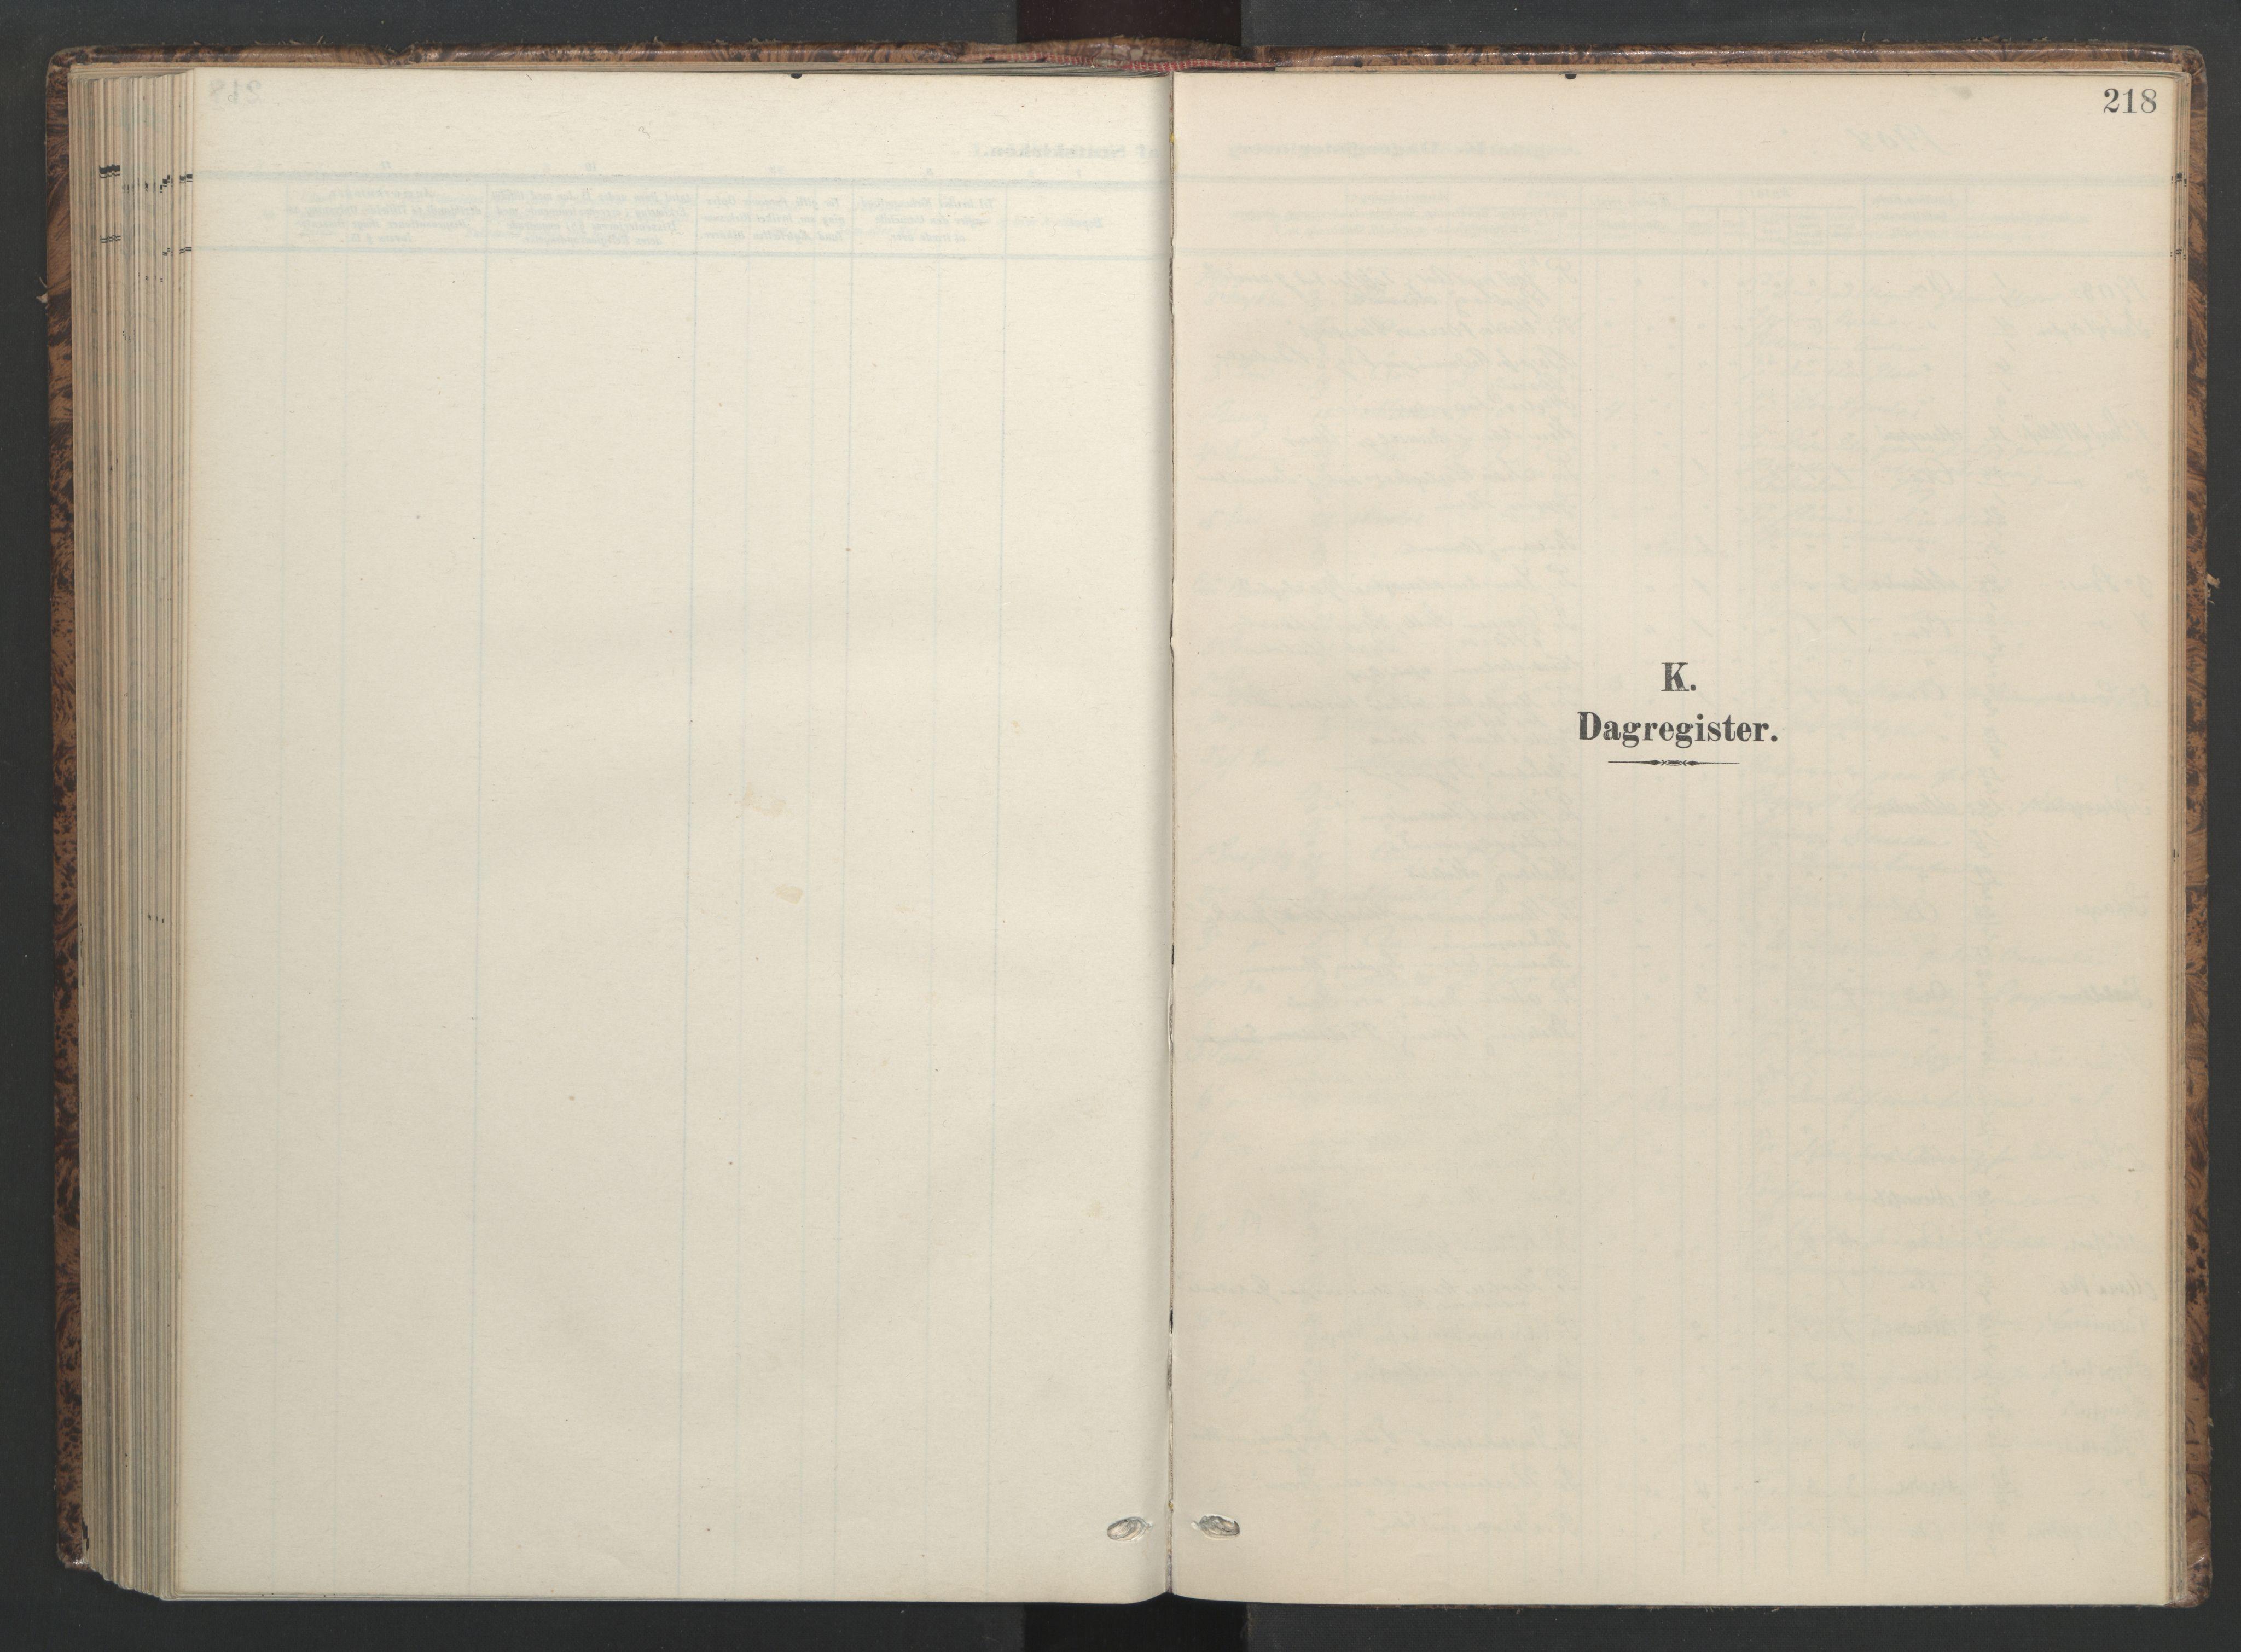 SAT, Ministerialprotokoller, klokkerbøker og fødselsregistre - Sør-Trøndelag, 655/L0682: Ministerialbok nr. 655A11, 1908-1922, s. 218